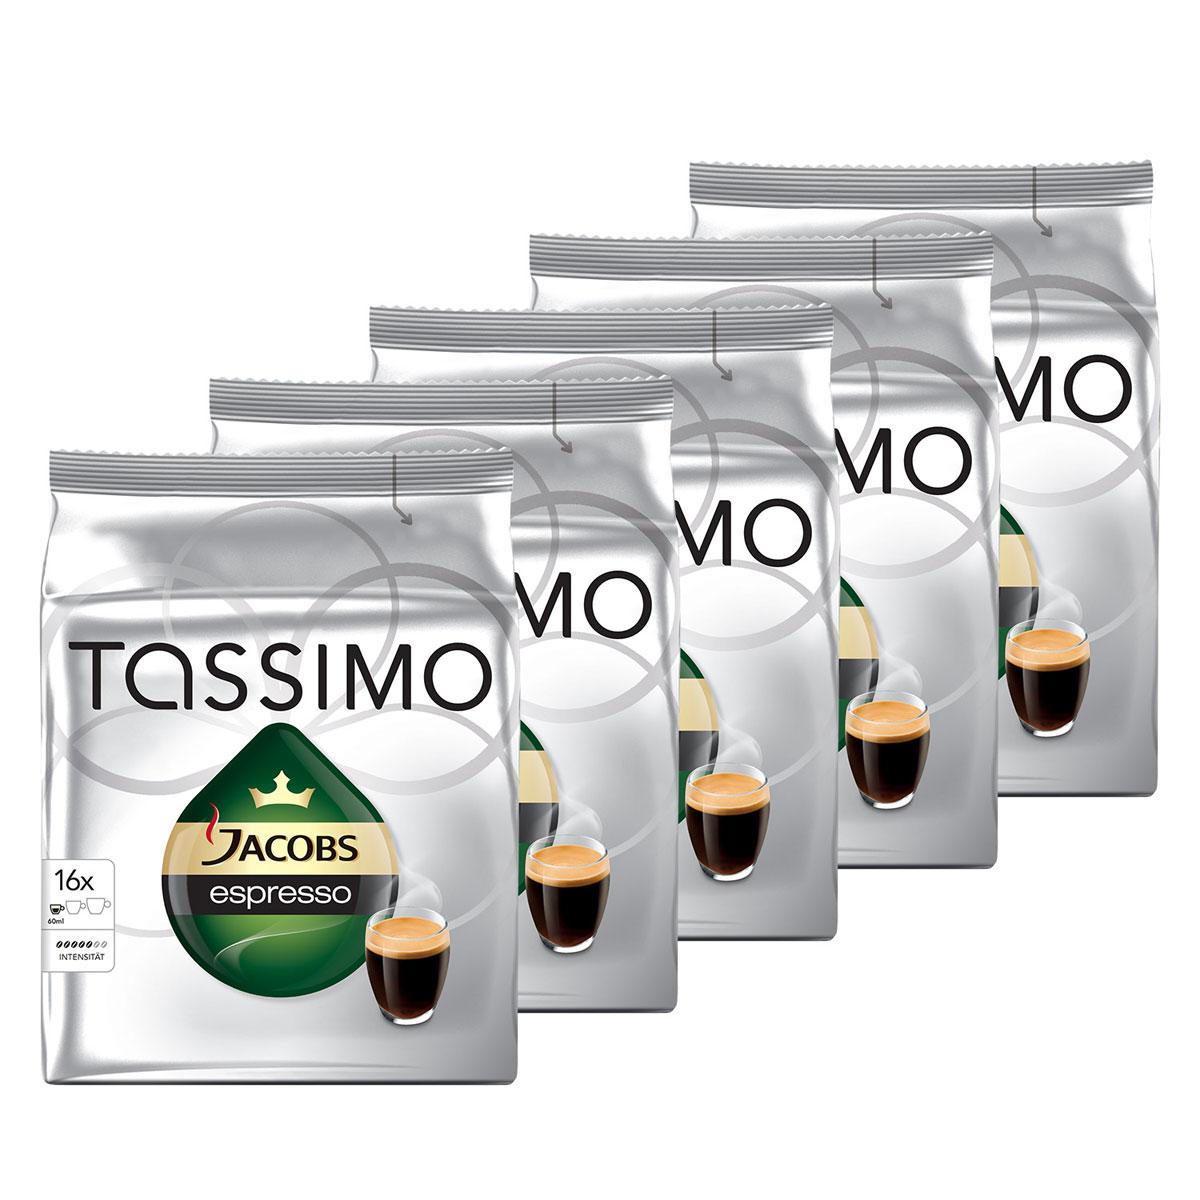 Tassimo Jacobs Espresso кофе в капсулах, 5 пачек8002200602116Насыщенный кофе с интенсивным вкусом и плотной бархатистой пенкой. Позвольте Jacobs — брэнду с вековым опытом немецких производителей кофе — подарить вам крепкий и вместе с тем удивительно гармоничный эспрессо. В каждом Т-Диске Jacobs Monarch содержится точно дозированная порция молотого кофе. Каждый из этих специально разработанных Т-Дисков имеет уникальный штрих-код, который считывается кофемашиной TASSIMO. В этом коде указан объем воды, время приготовления и оптимальная температура, необходимая для получения чашки безупречного напитка.Одна капсула рассчитана на приготовление 60 мл напитка. В каждой упаковке находятся 16 Т-Дисков Jacobs. Общее количество капсул: 80 штук.